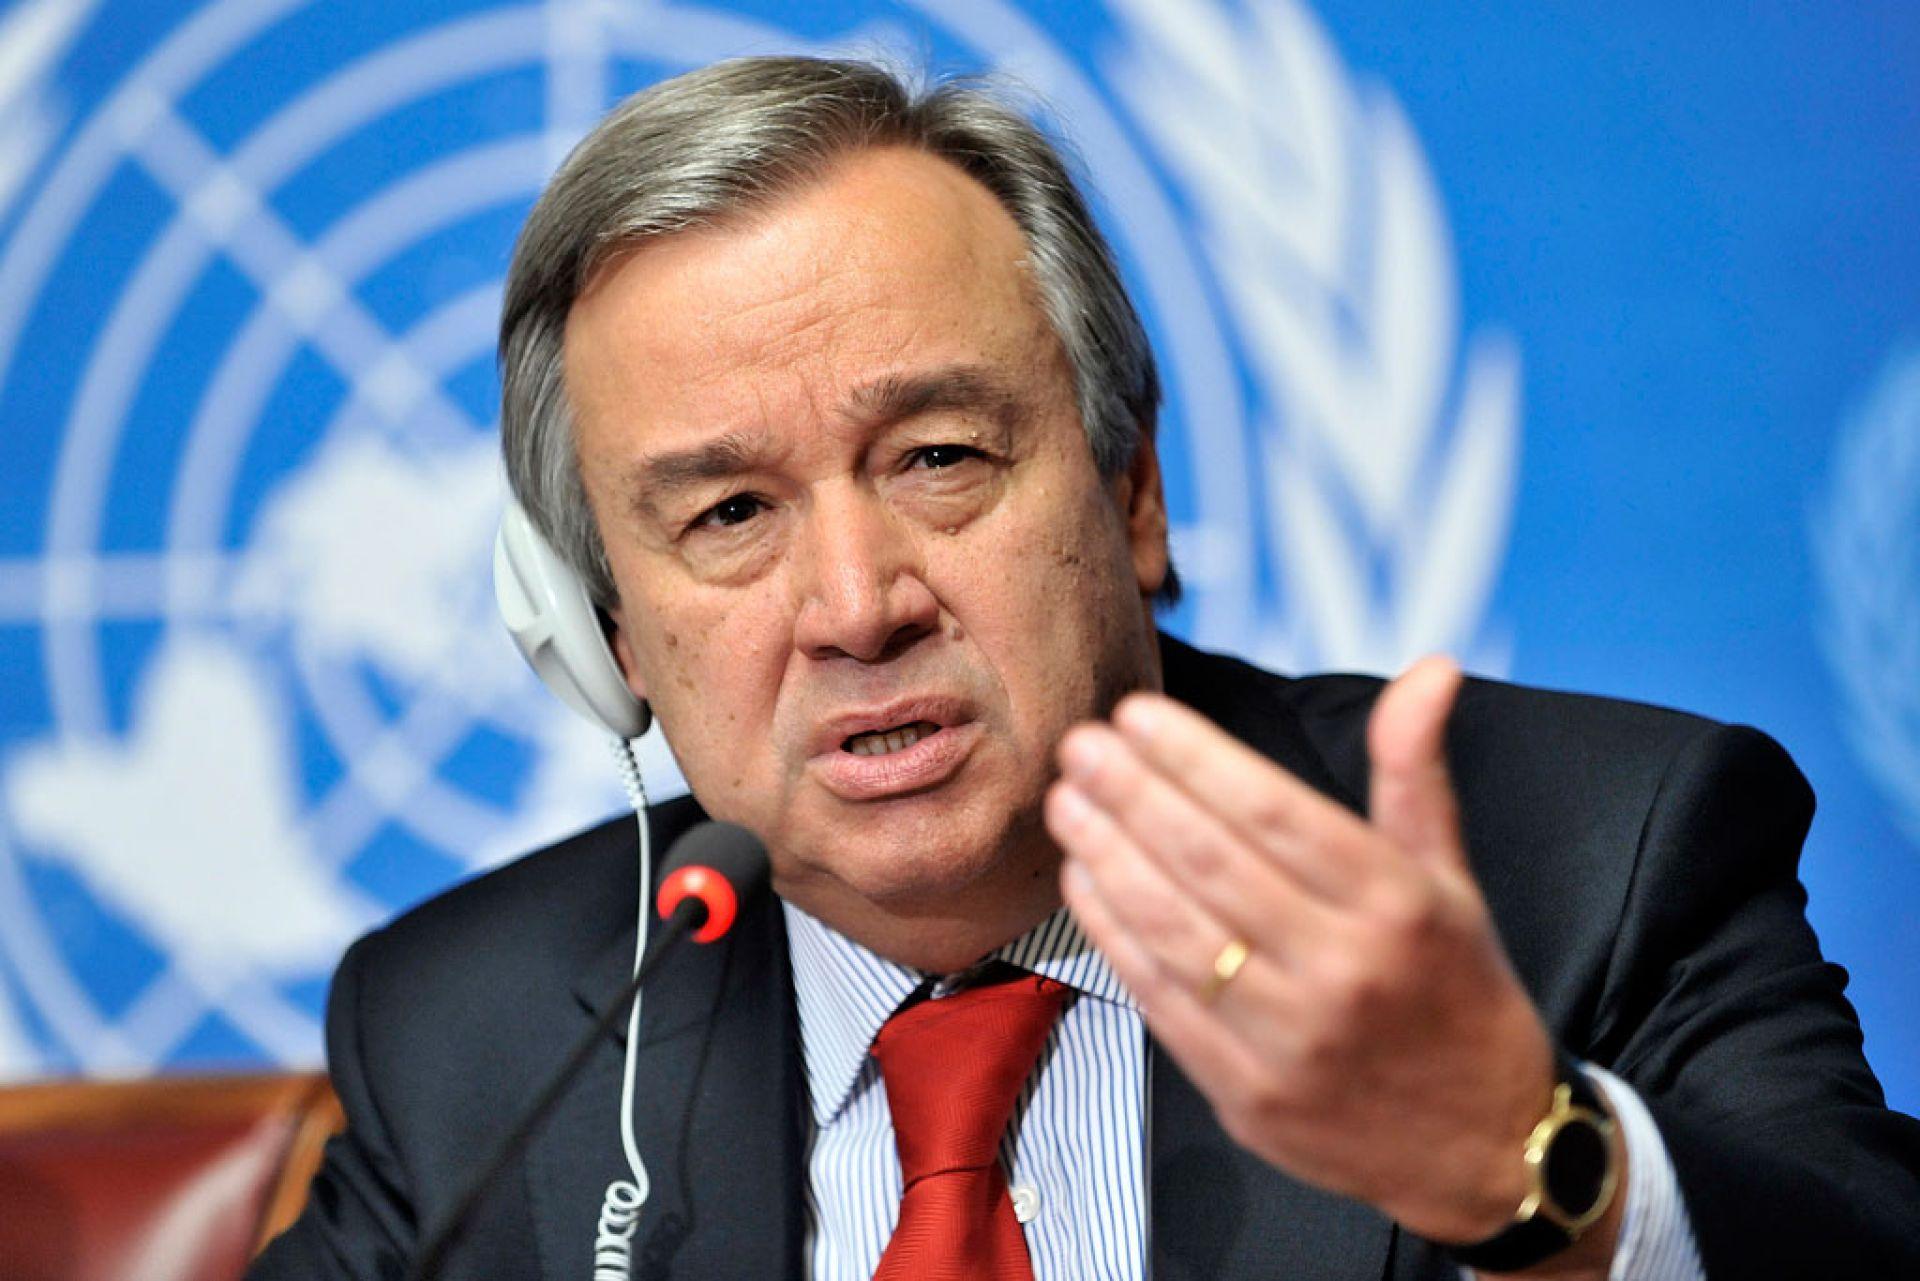 سازمان ملل بار دیگر پایبندی ایران به تعهدات برجامی را تایید کرد